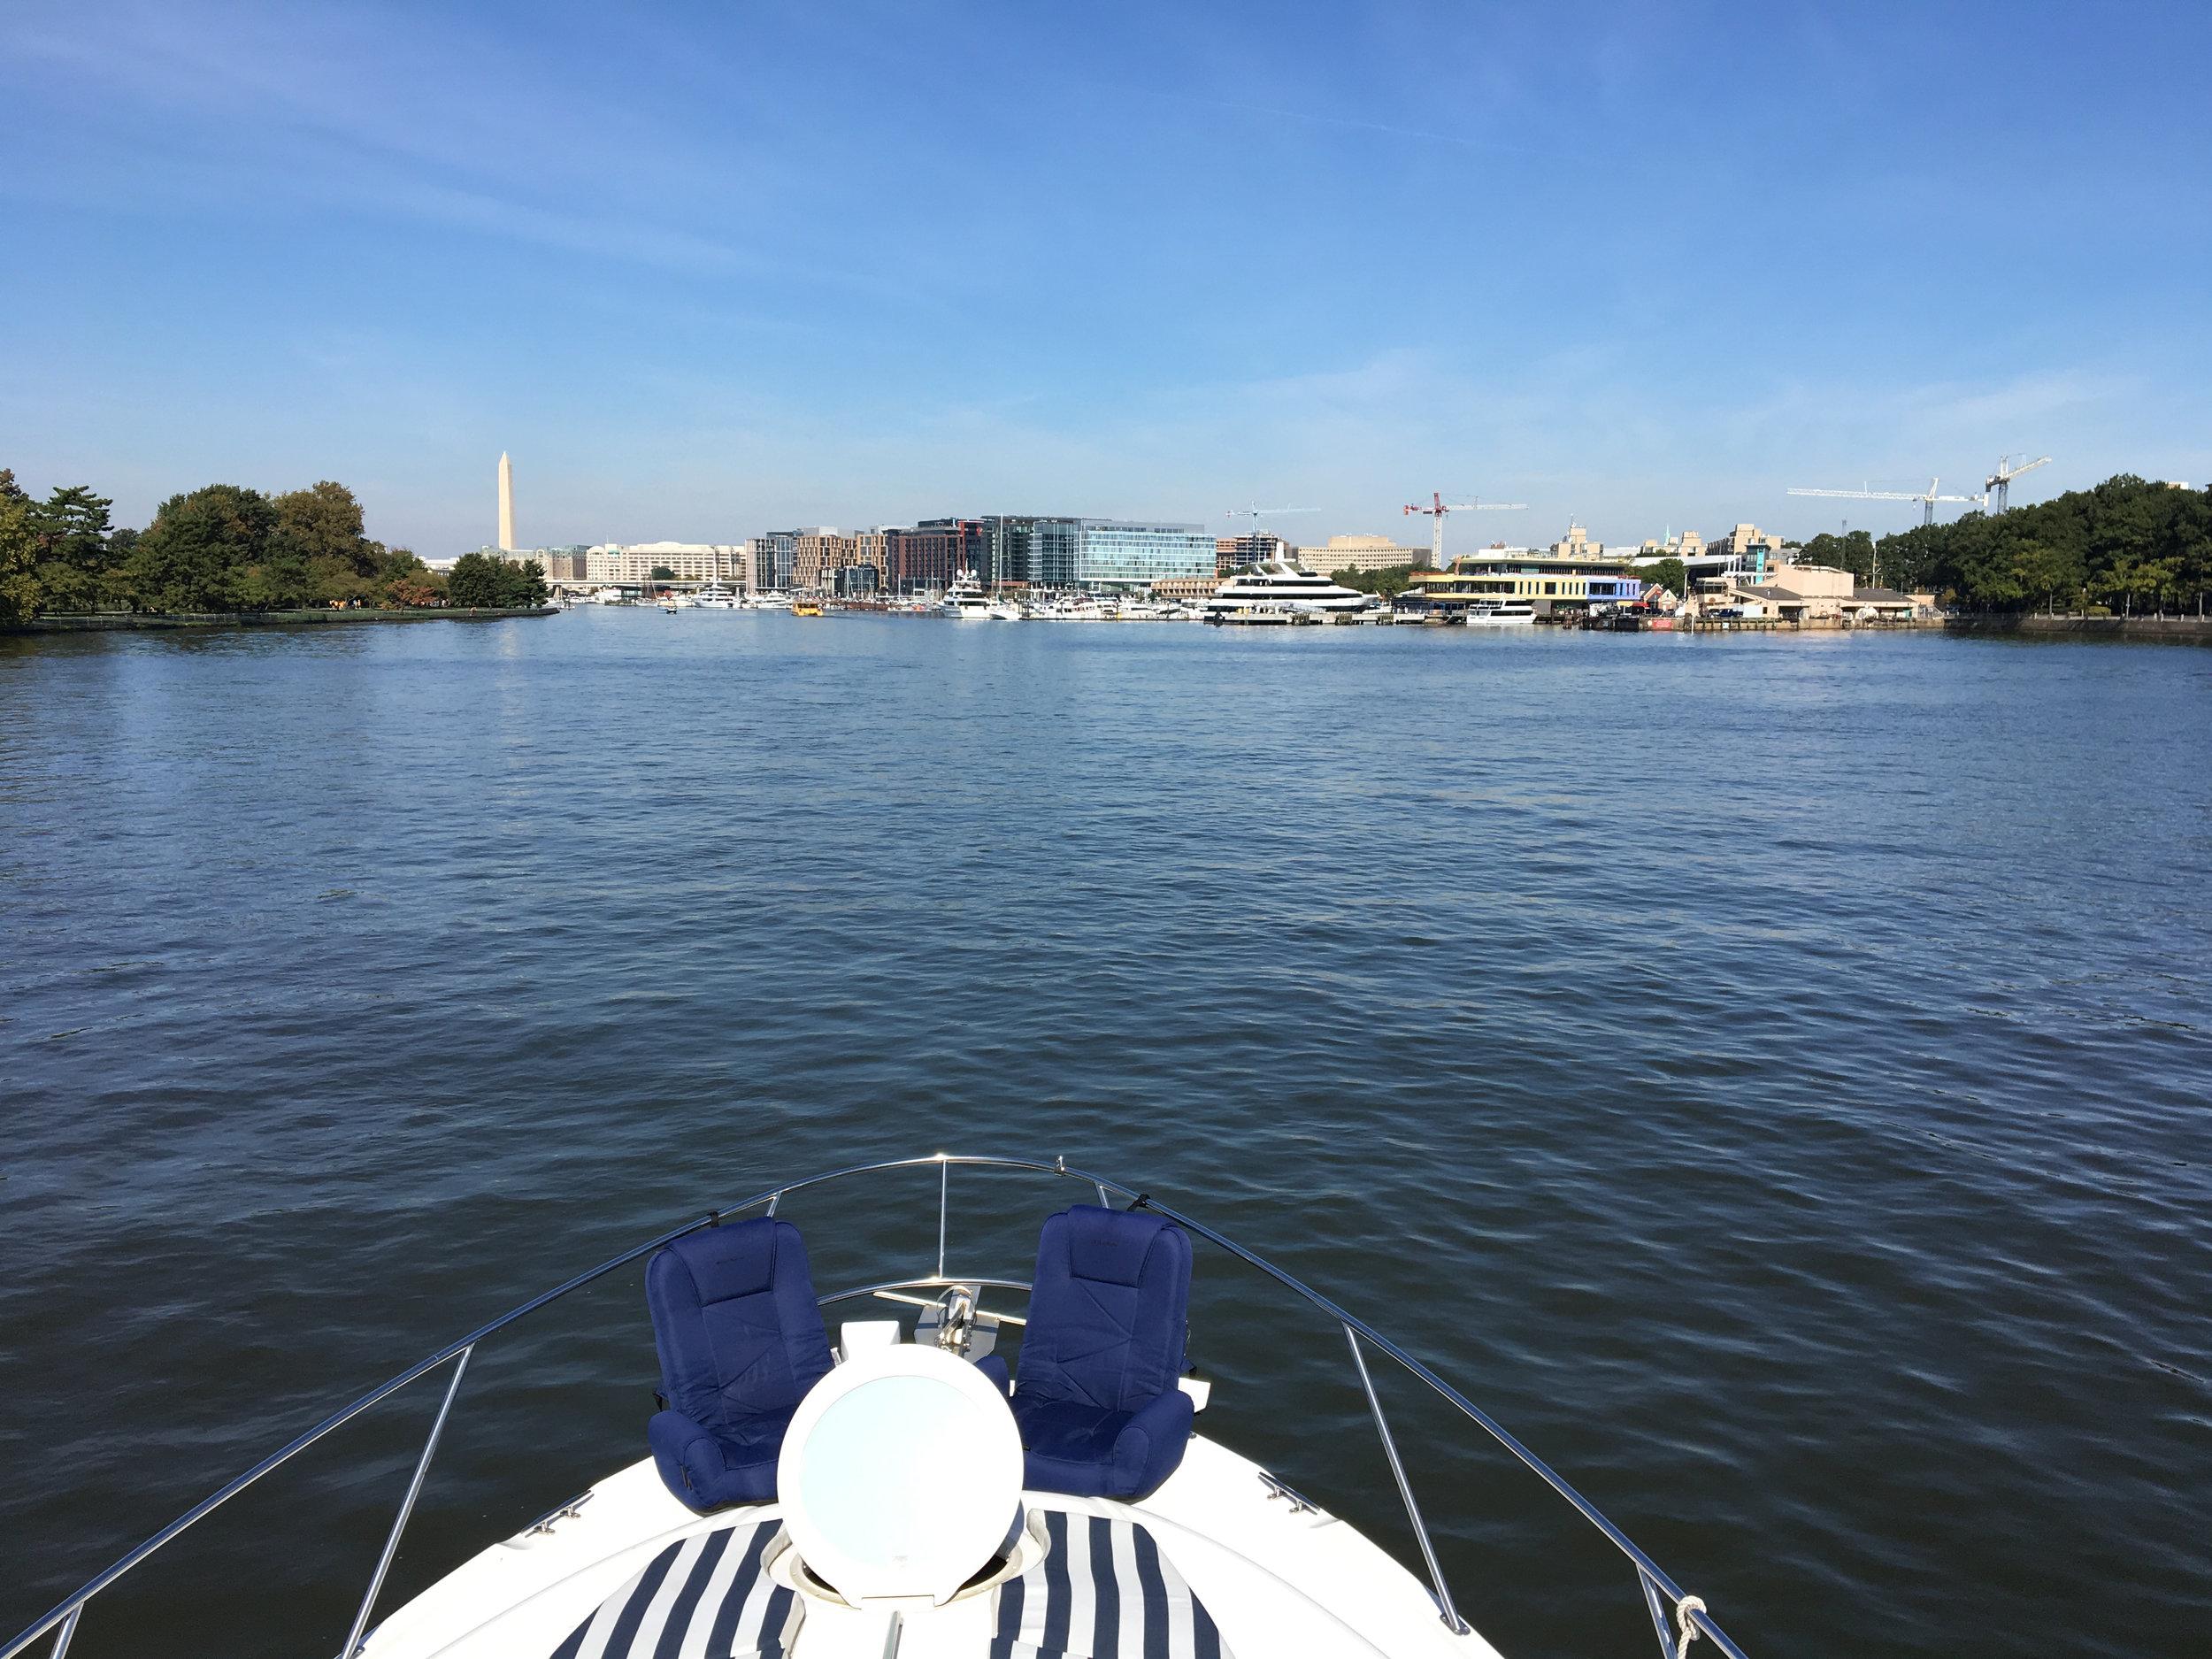 Bow underway, Washington Channel